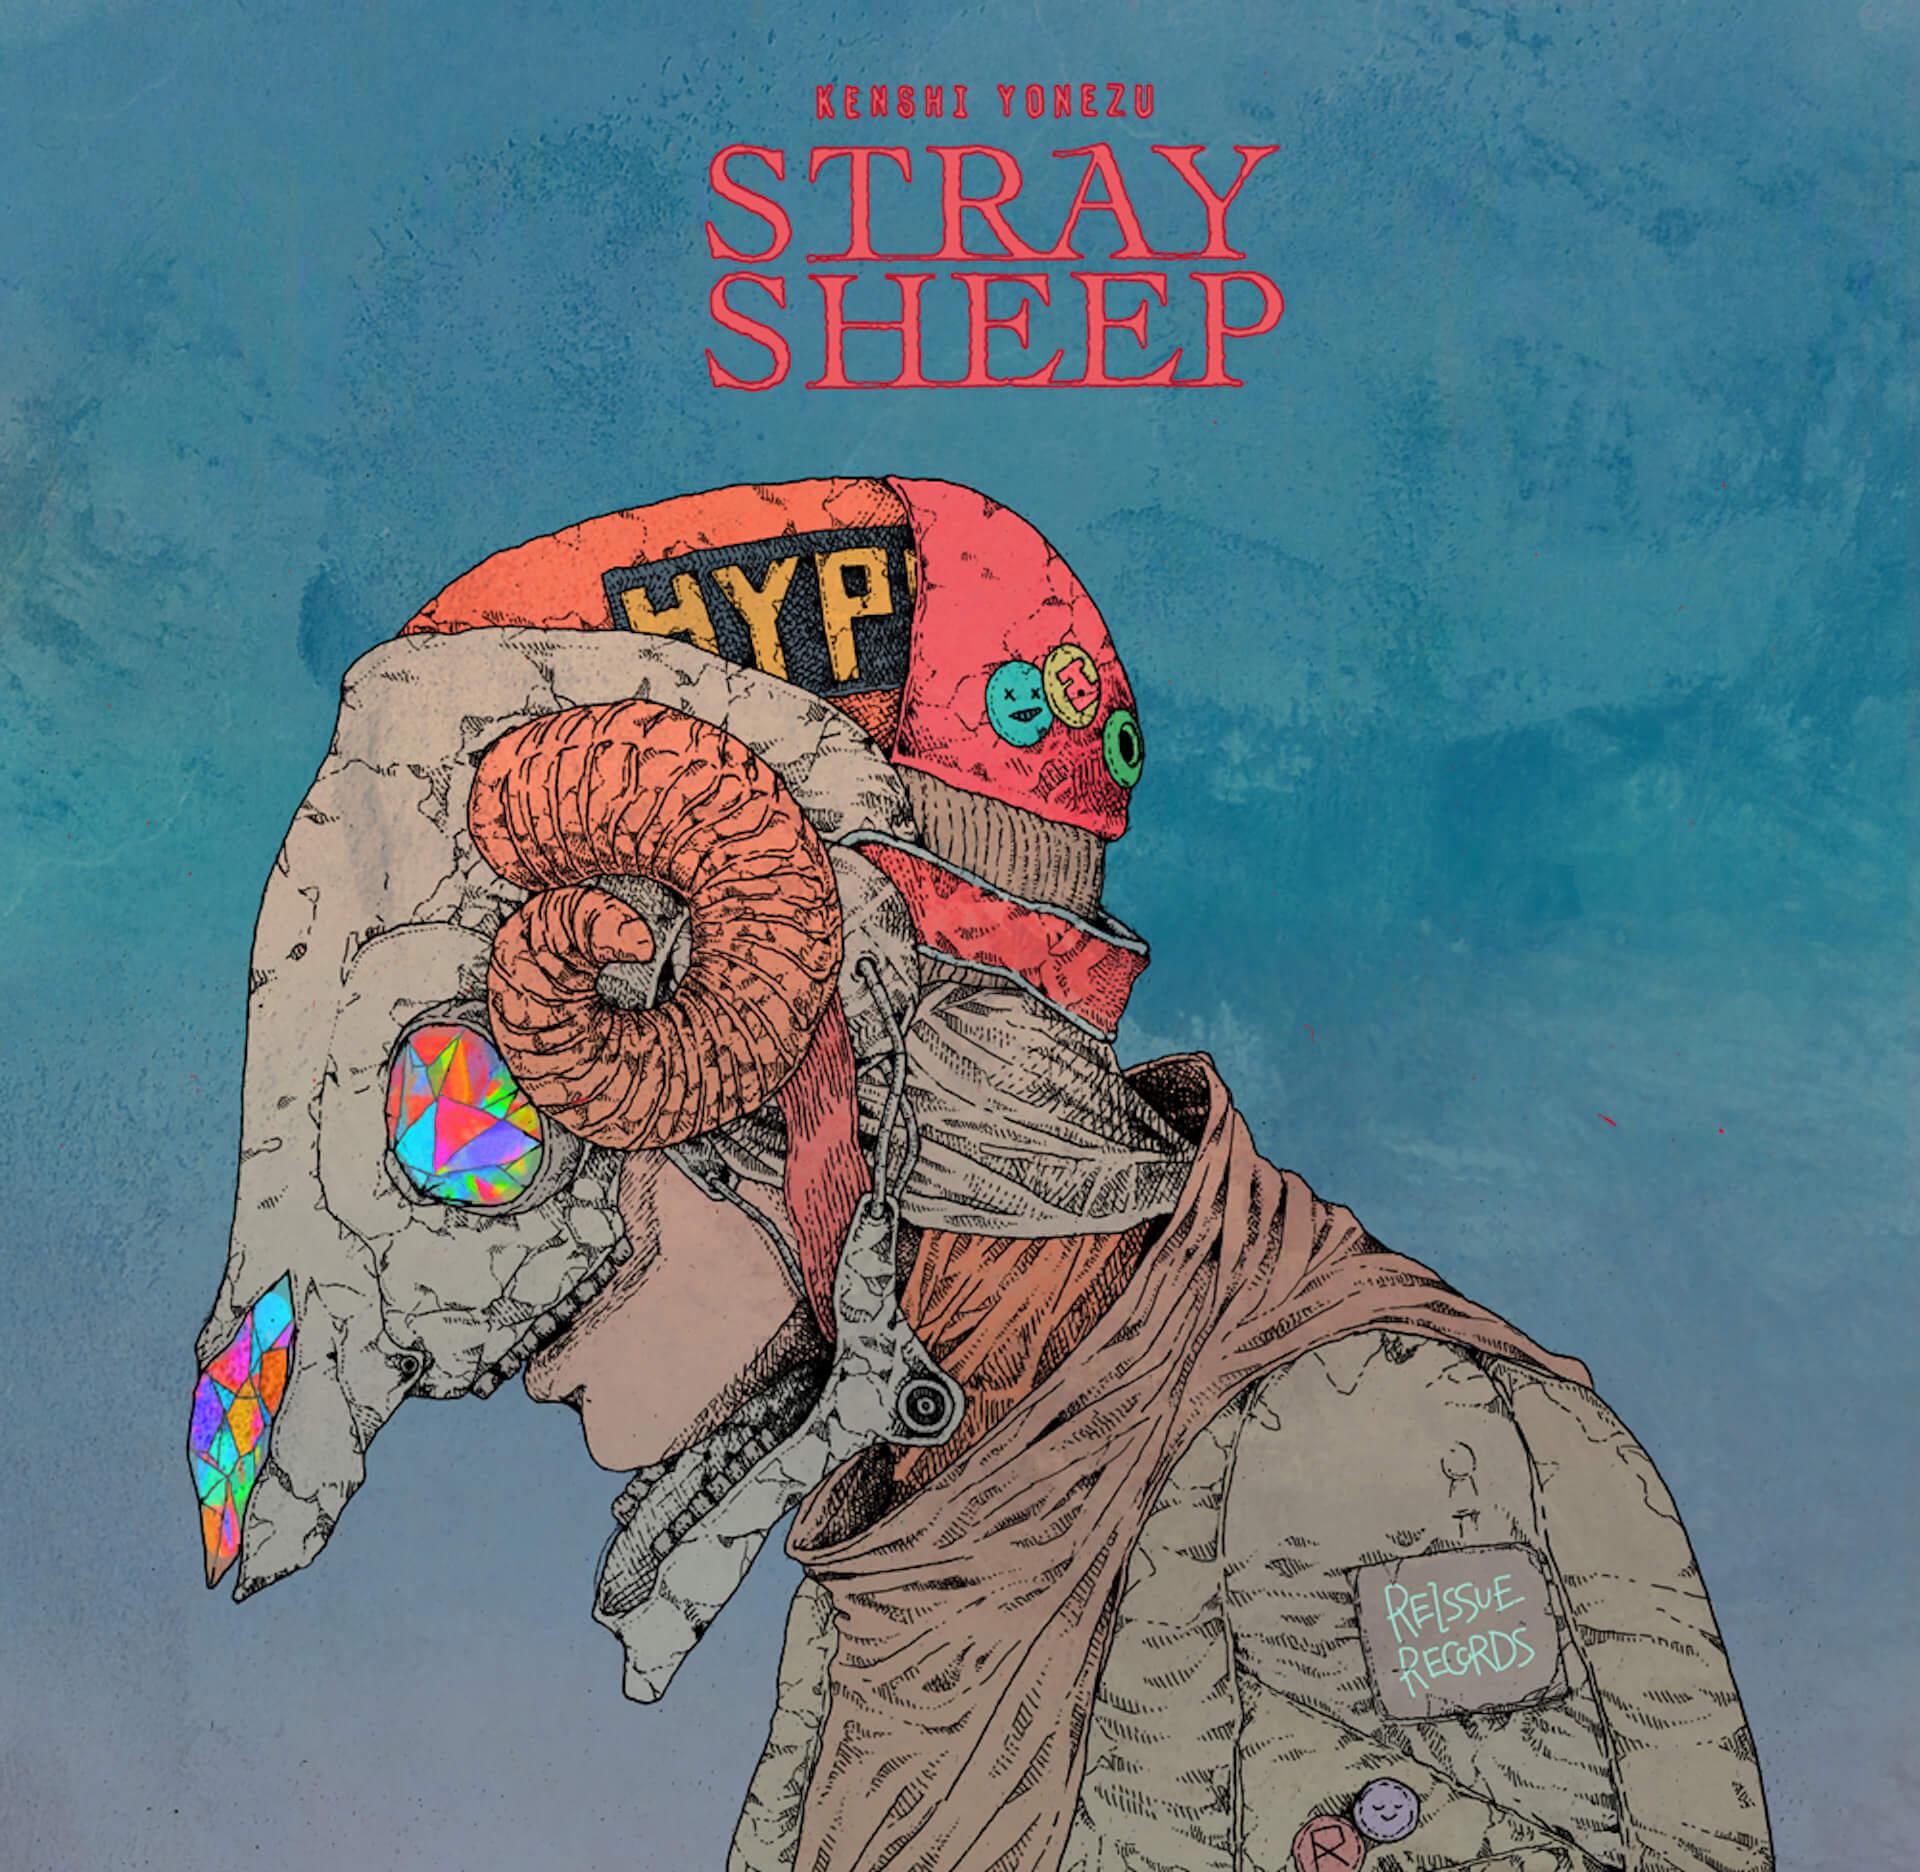 米津玄師、平成生まれのアーティスト初の快挙!『STRAY SHEEP』がCD売上枚数150万枚突破 music201013_yonezukenshi_1